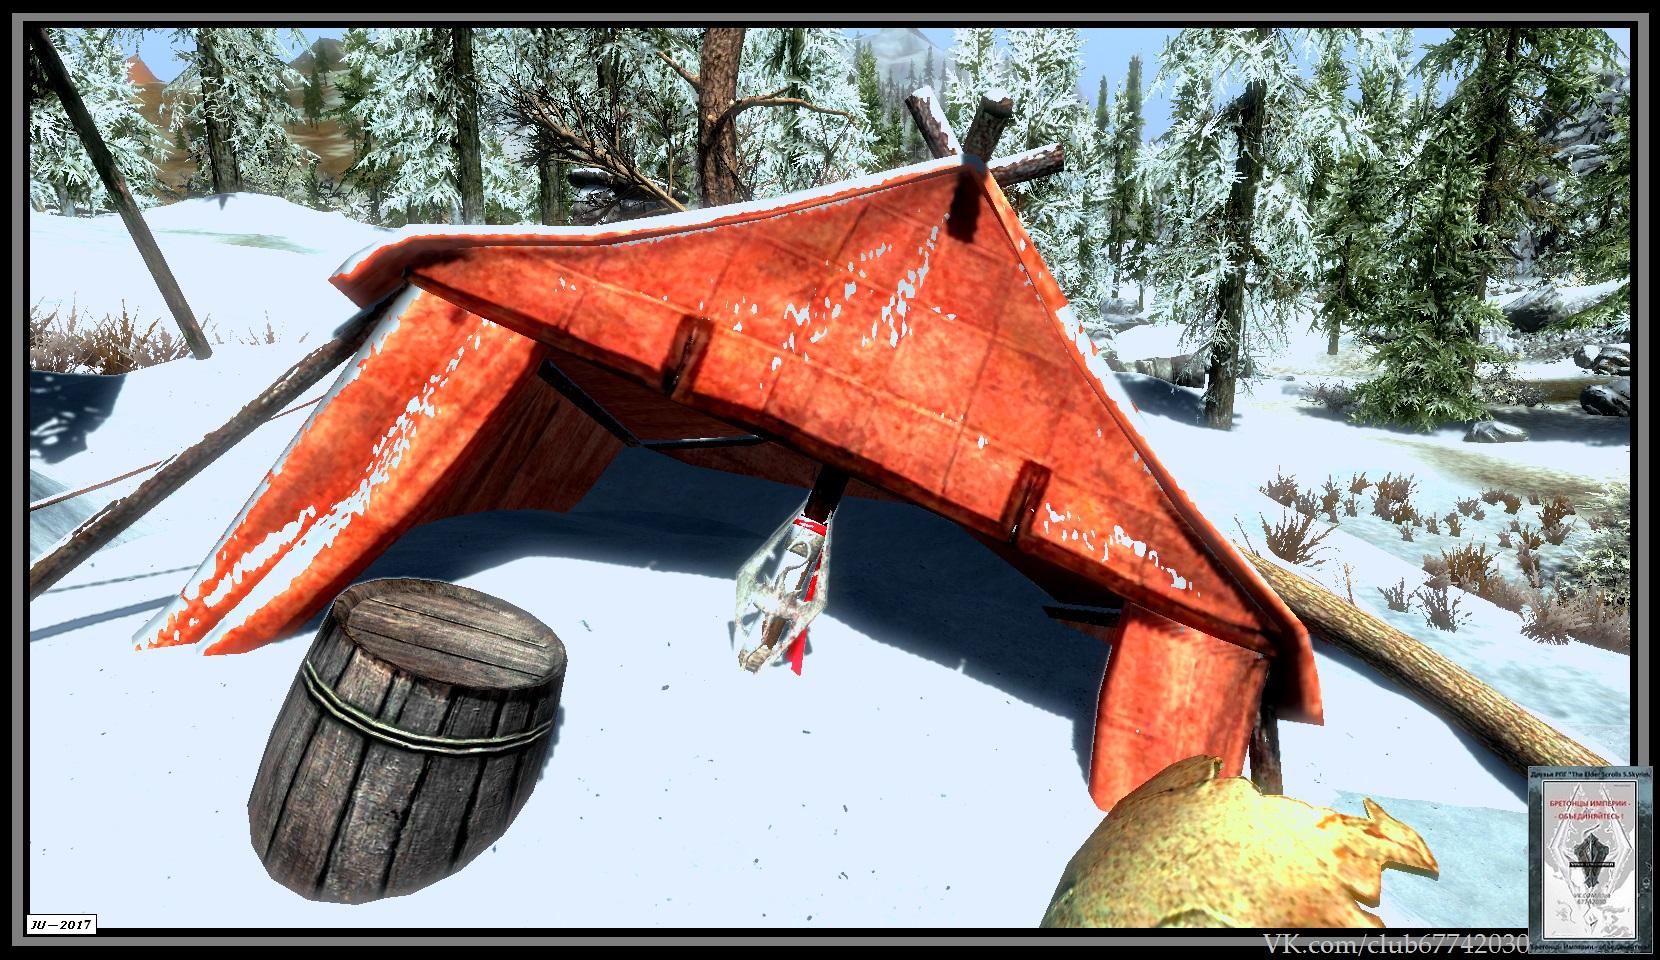 Битва у Белого Берега. Имперская палатка. - Elder Scrolls 5: Skyrim, the Battle Aftermath, Имперская палатка